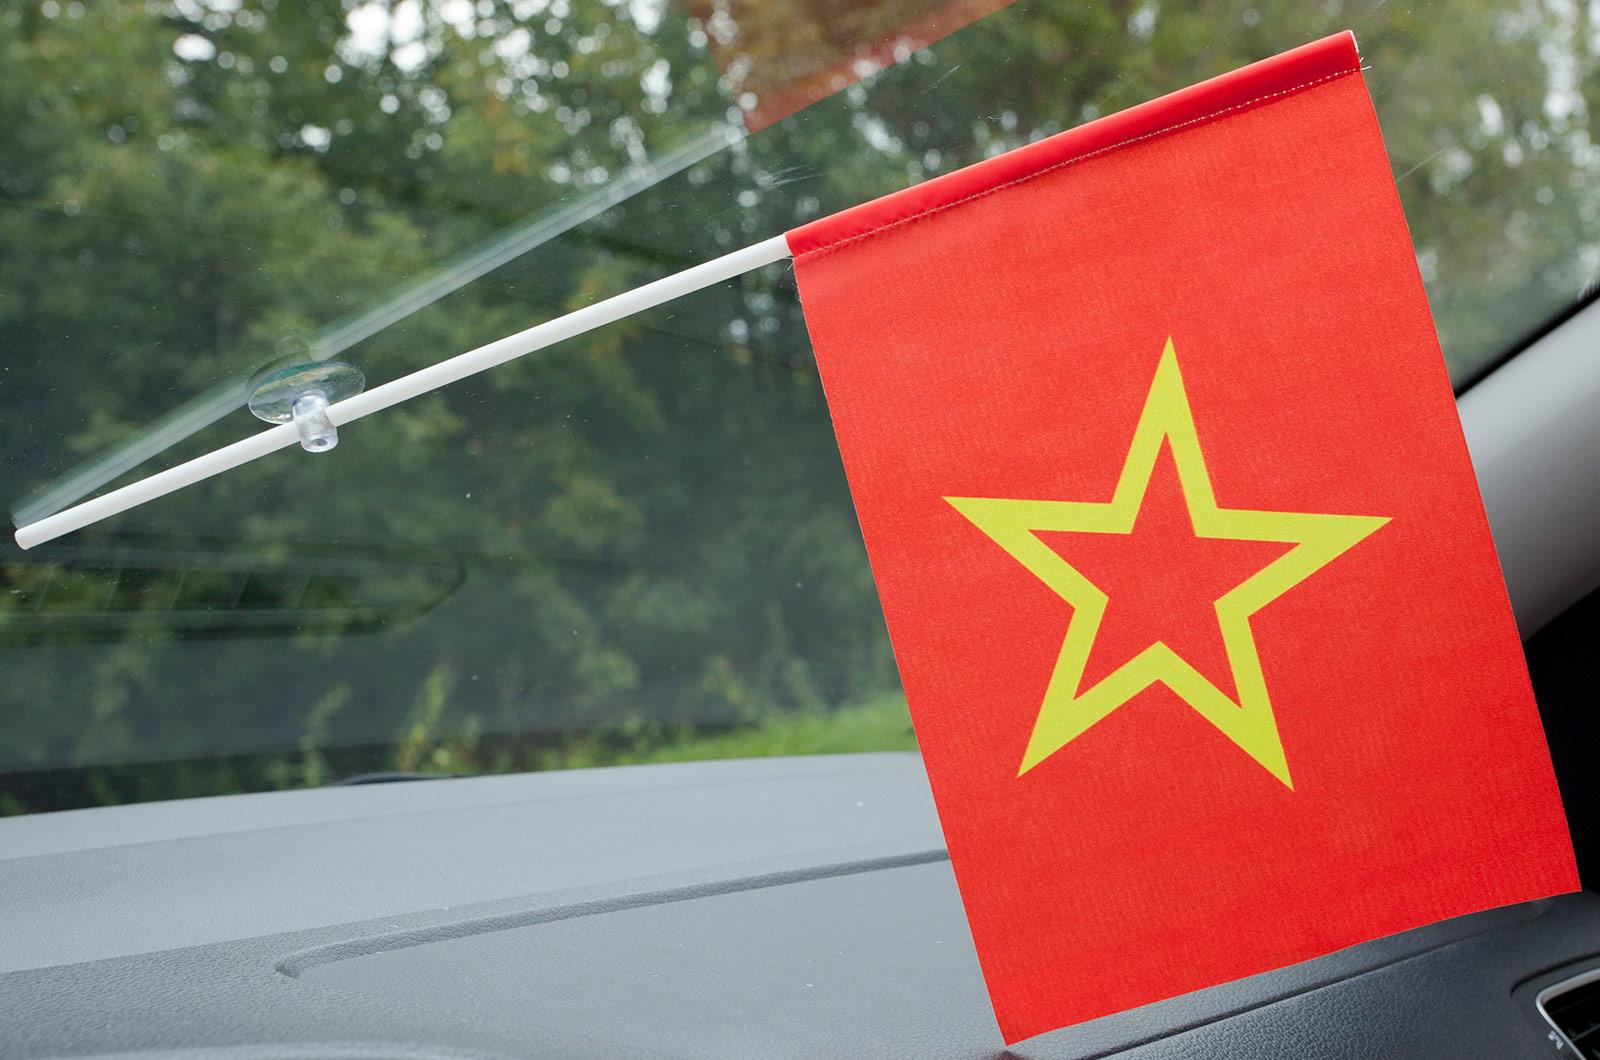 Флажок в машину с присоской Красной армии